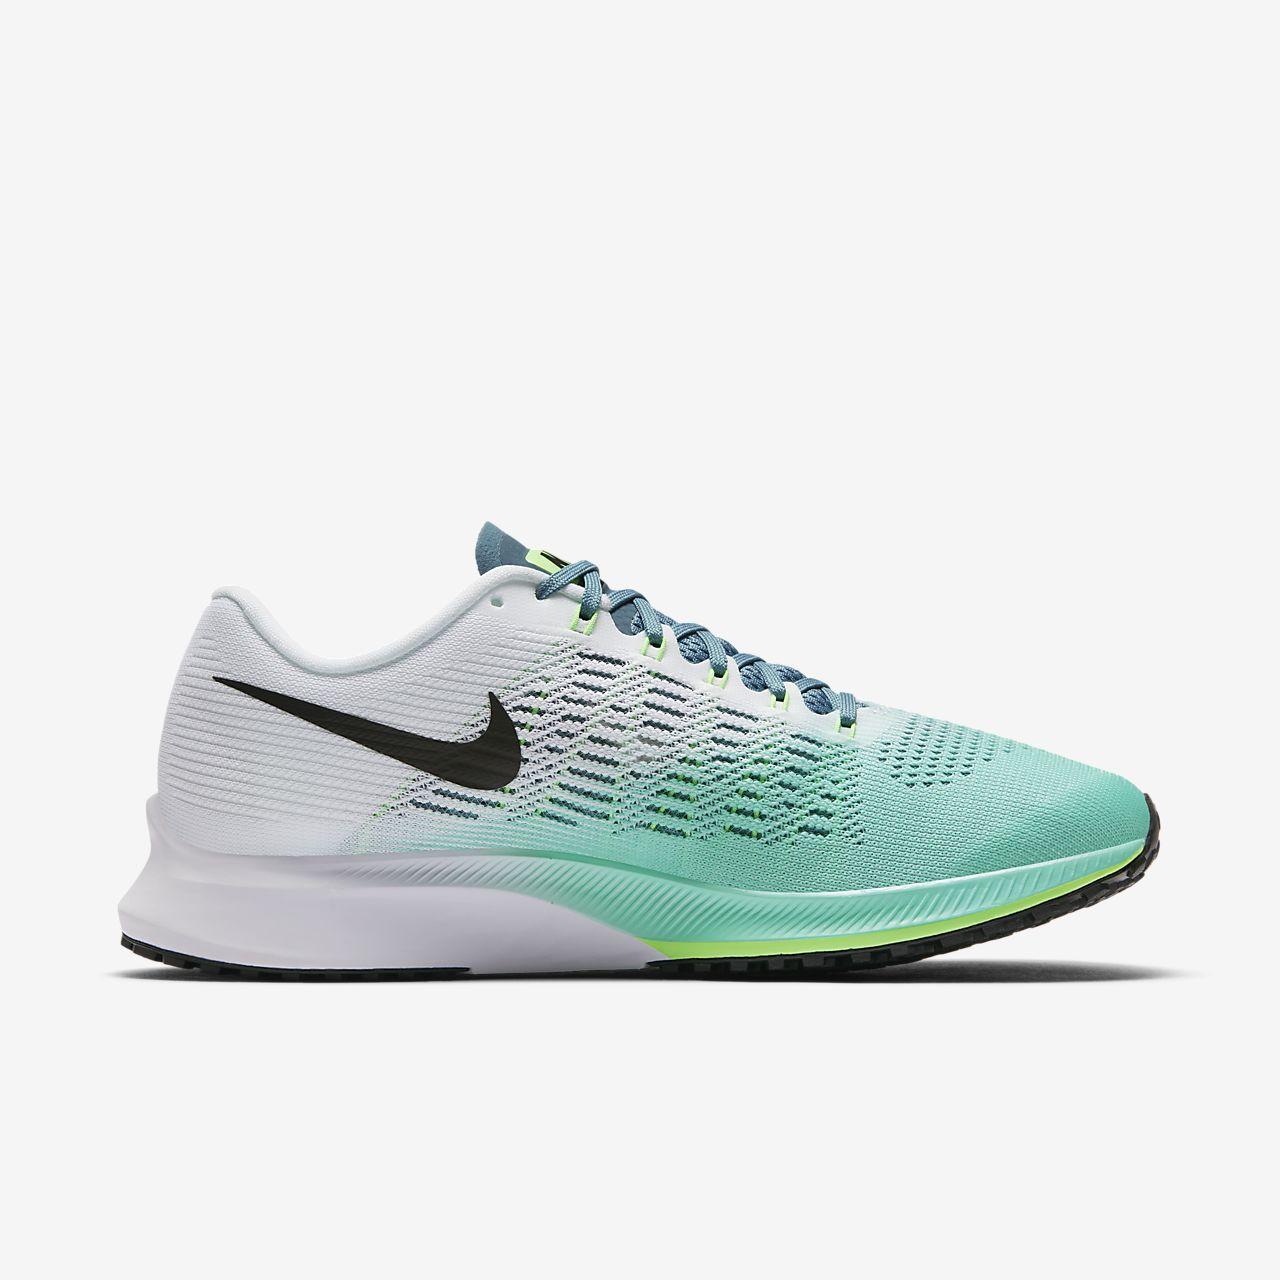 scarpe running nike elite